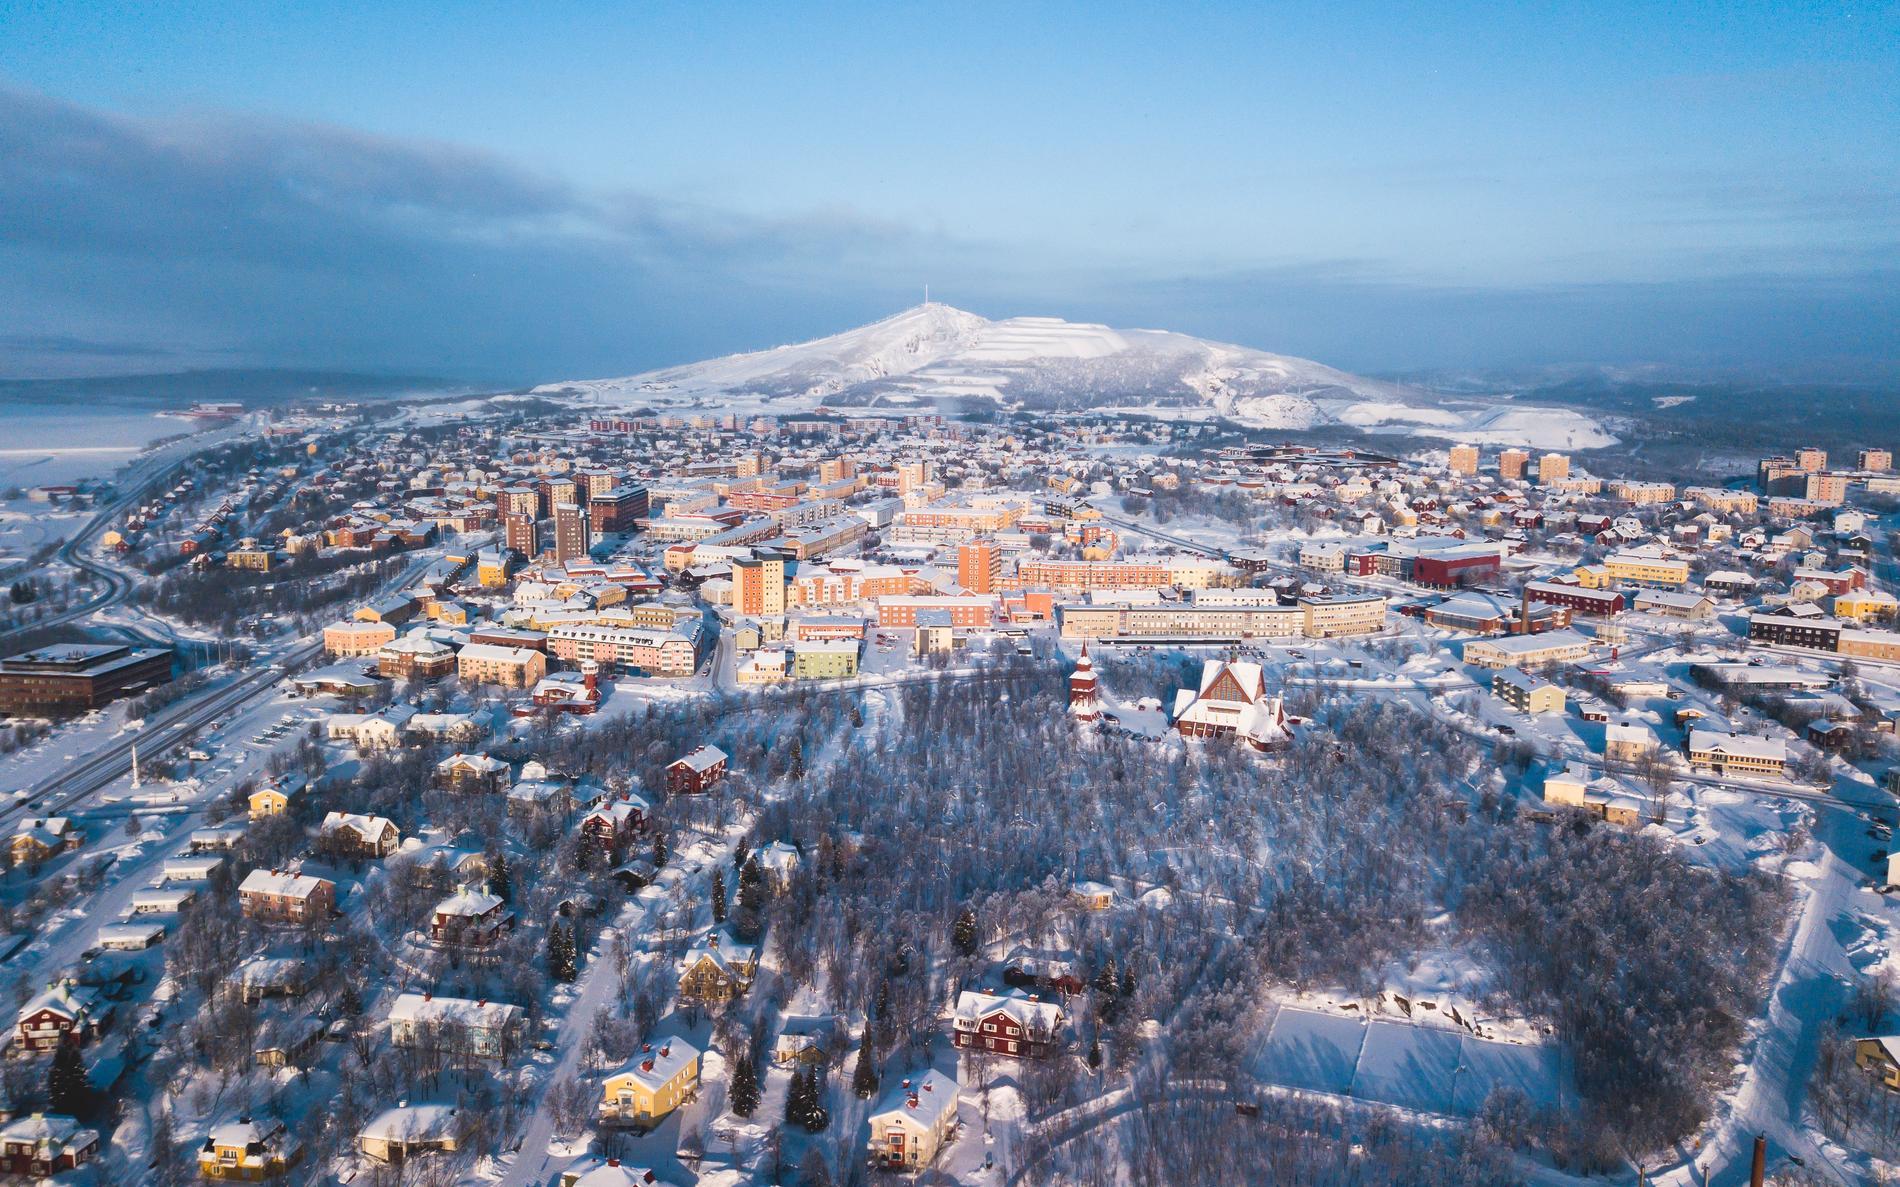 Rasrisk gör att hela Kiruna ska flyttas.